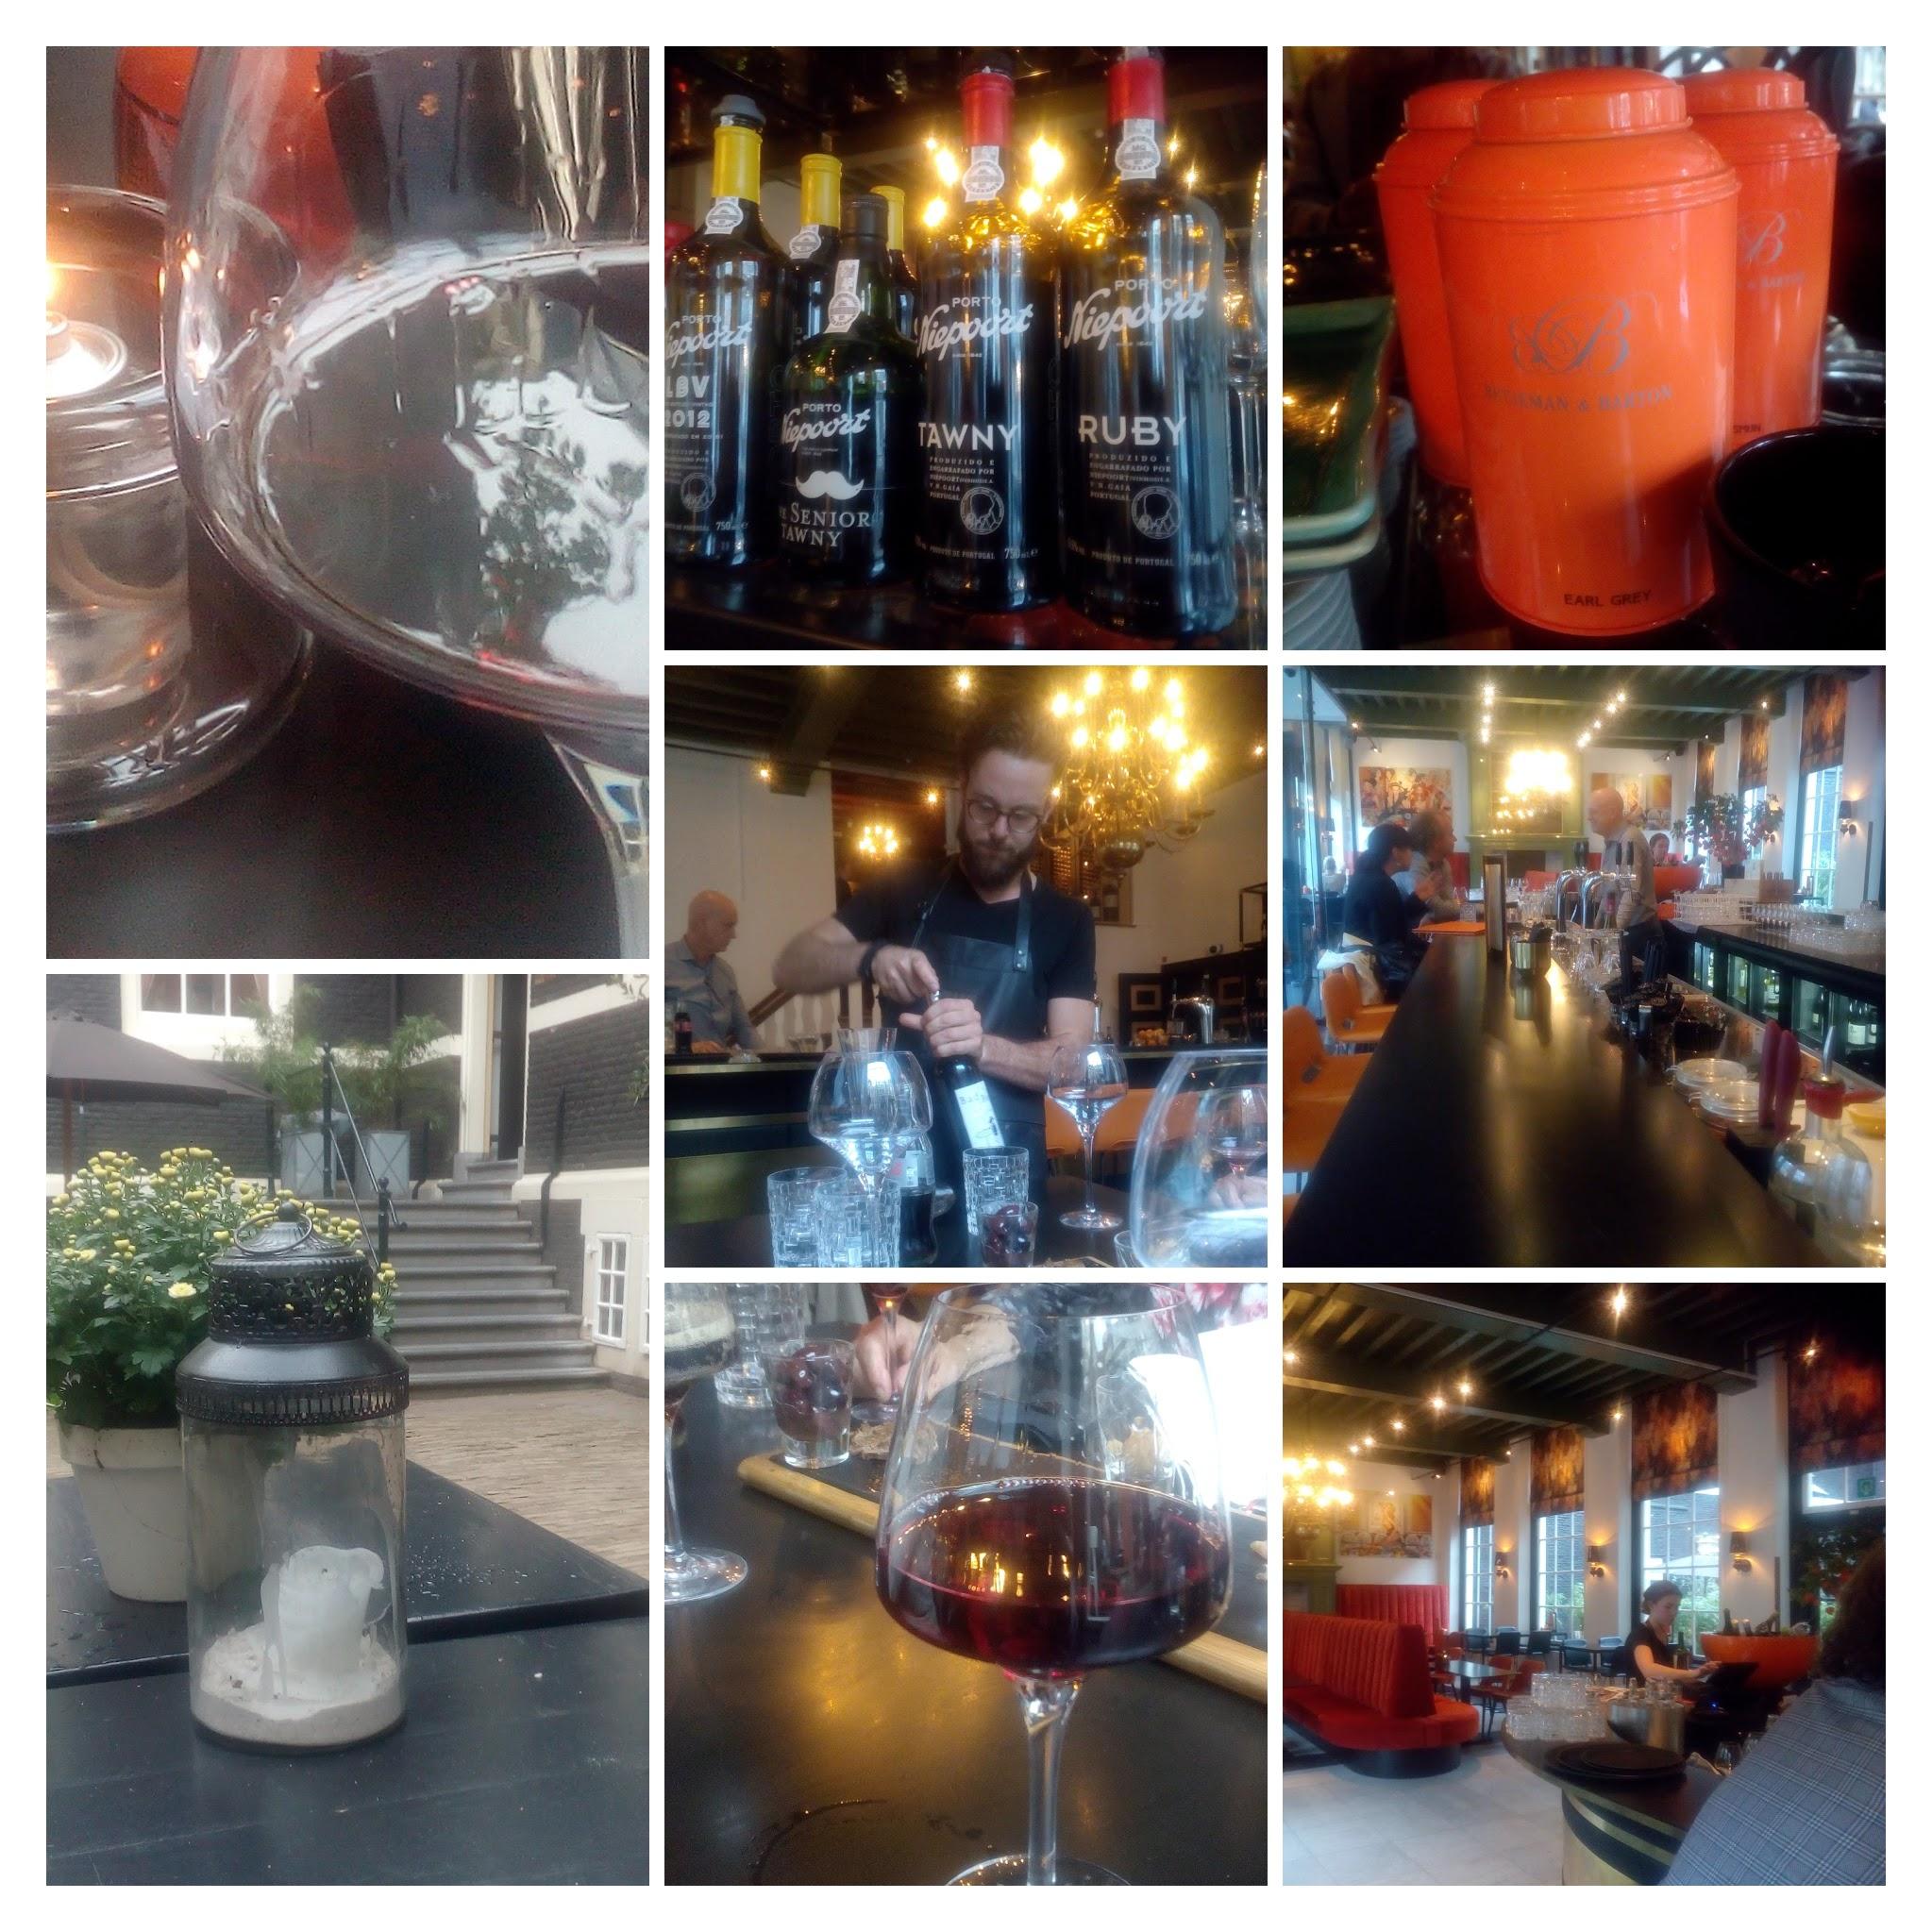 mooie-wijnen-en-lekker-eten-in-amsterdam